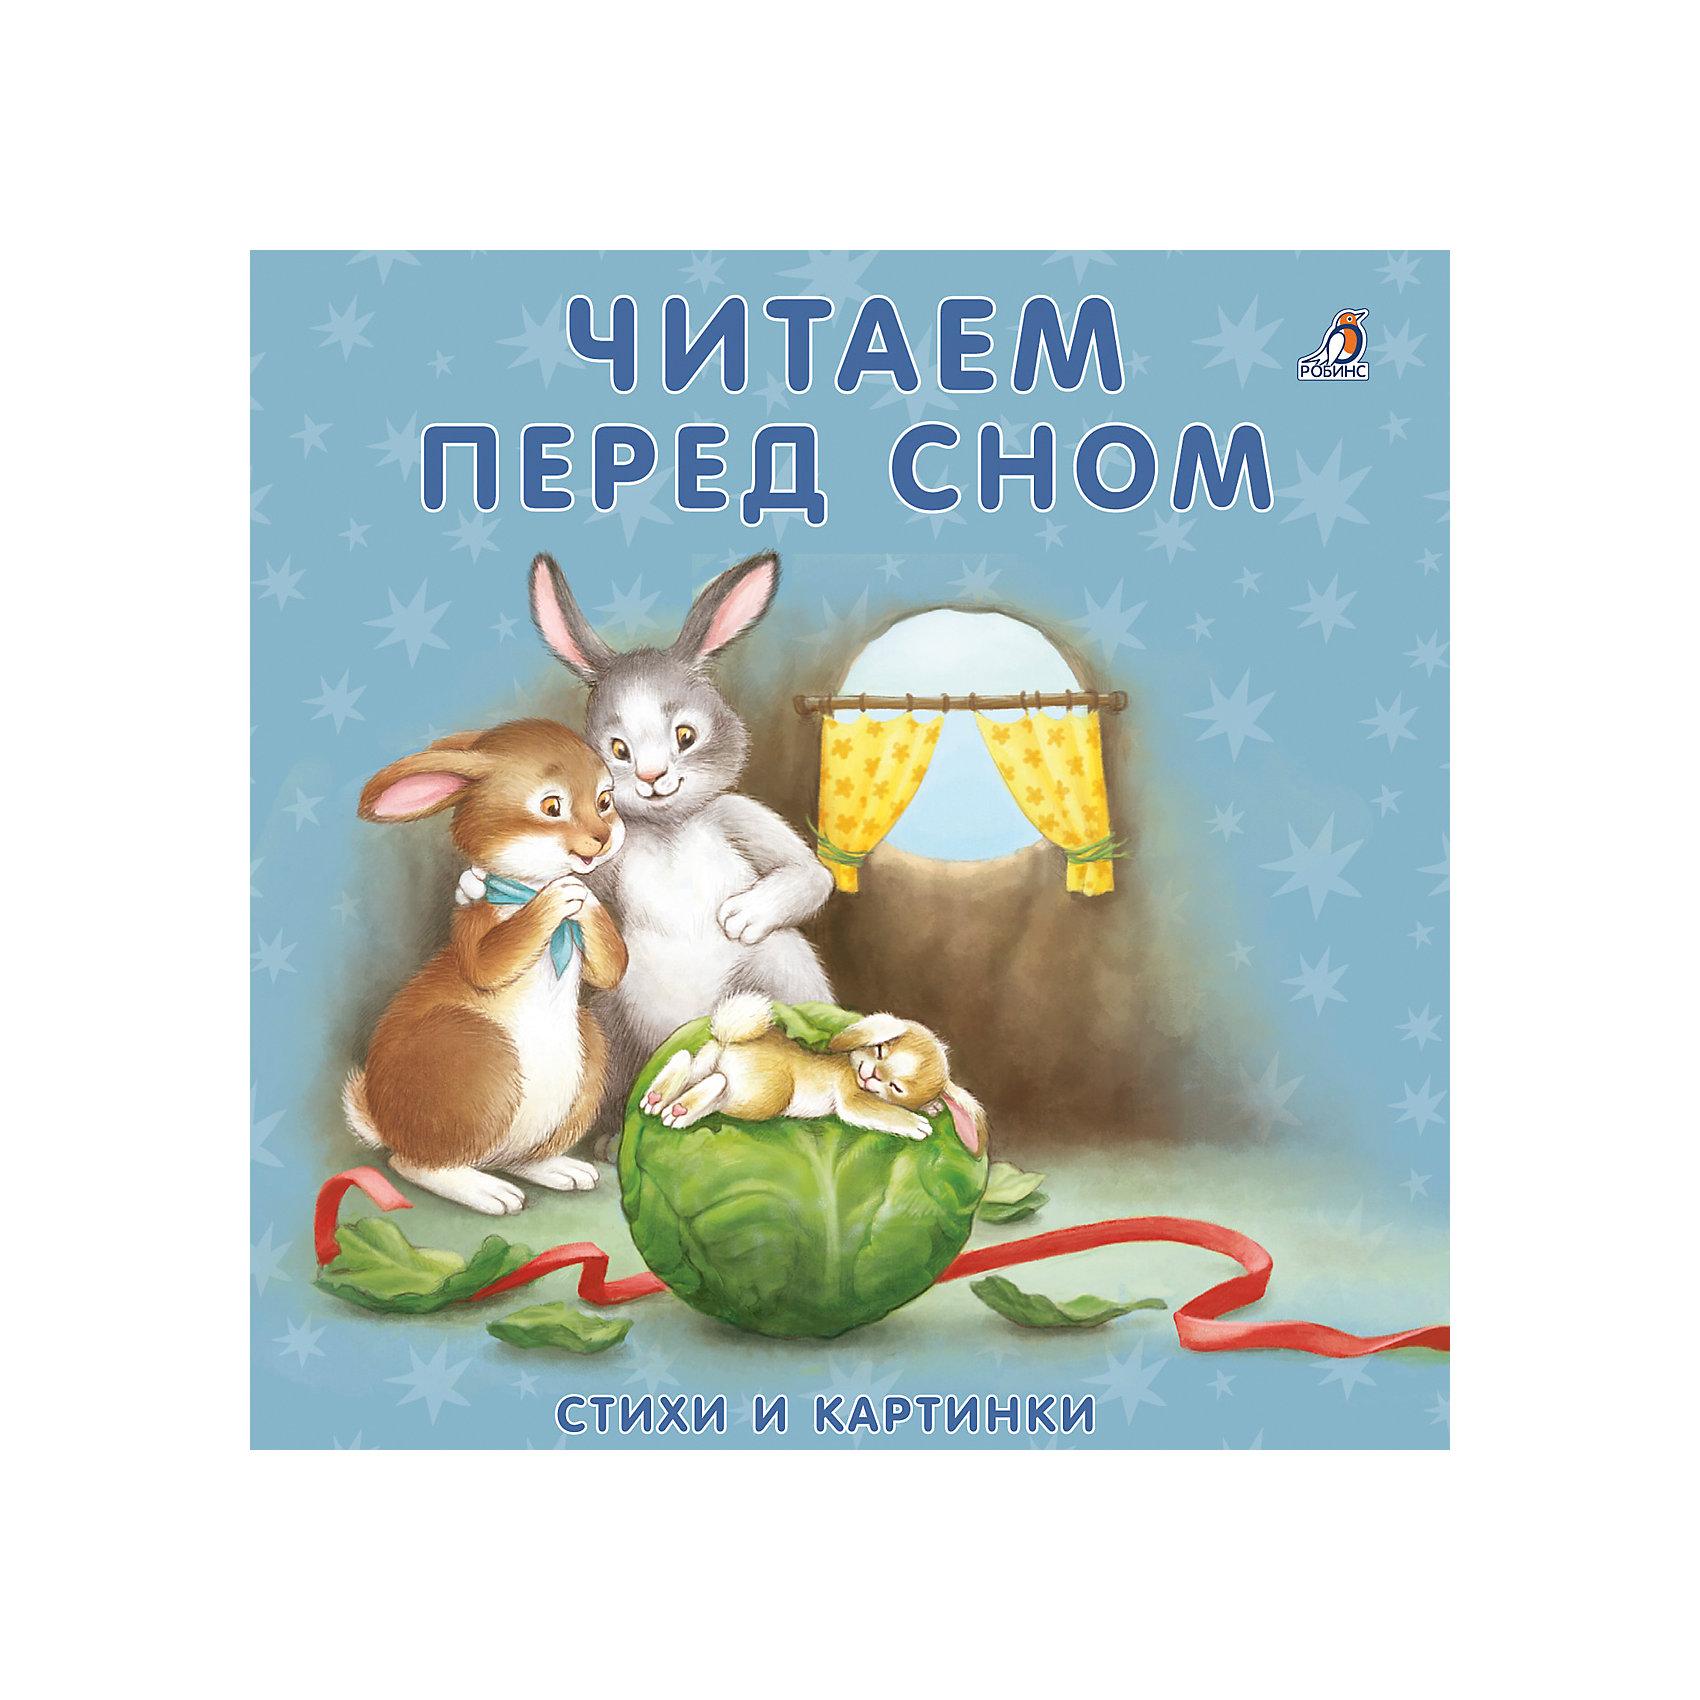 Книжки-картонки Читаем перед сномПервые книги малыша<br>Это настоящий подарок для любопытного и любознательного малыша.<br>На каждой страничке книжки ваш ребёнок найдёт добрые стихи и забавные картинки, которые можно читать перед сном днём и вечером.<br>Играя с книжкой, он будет развивать мелкую моторику и зрение, тренировать память, внимание, мышление. <br>С этой книжкой малыш весело проведёт время и пополнит свой первый словарный запас, расширит кругозор, повысит свою эмоциональную активность.<br><br>Ширина мм: 140<br>Глубина мм: 140<br>Высота мм: 13<br>Вес г: 140<br>Возраст от месяцев: 12<br>Возраст до месяцев: 60<br>Пол: Унисекс<br>Возраст: Детский<br>SKU: 5034138